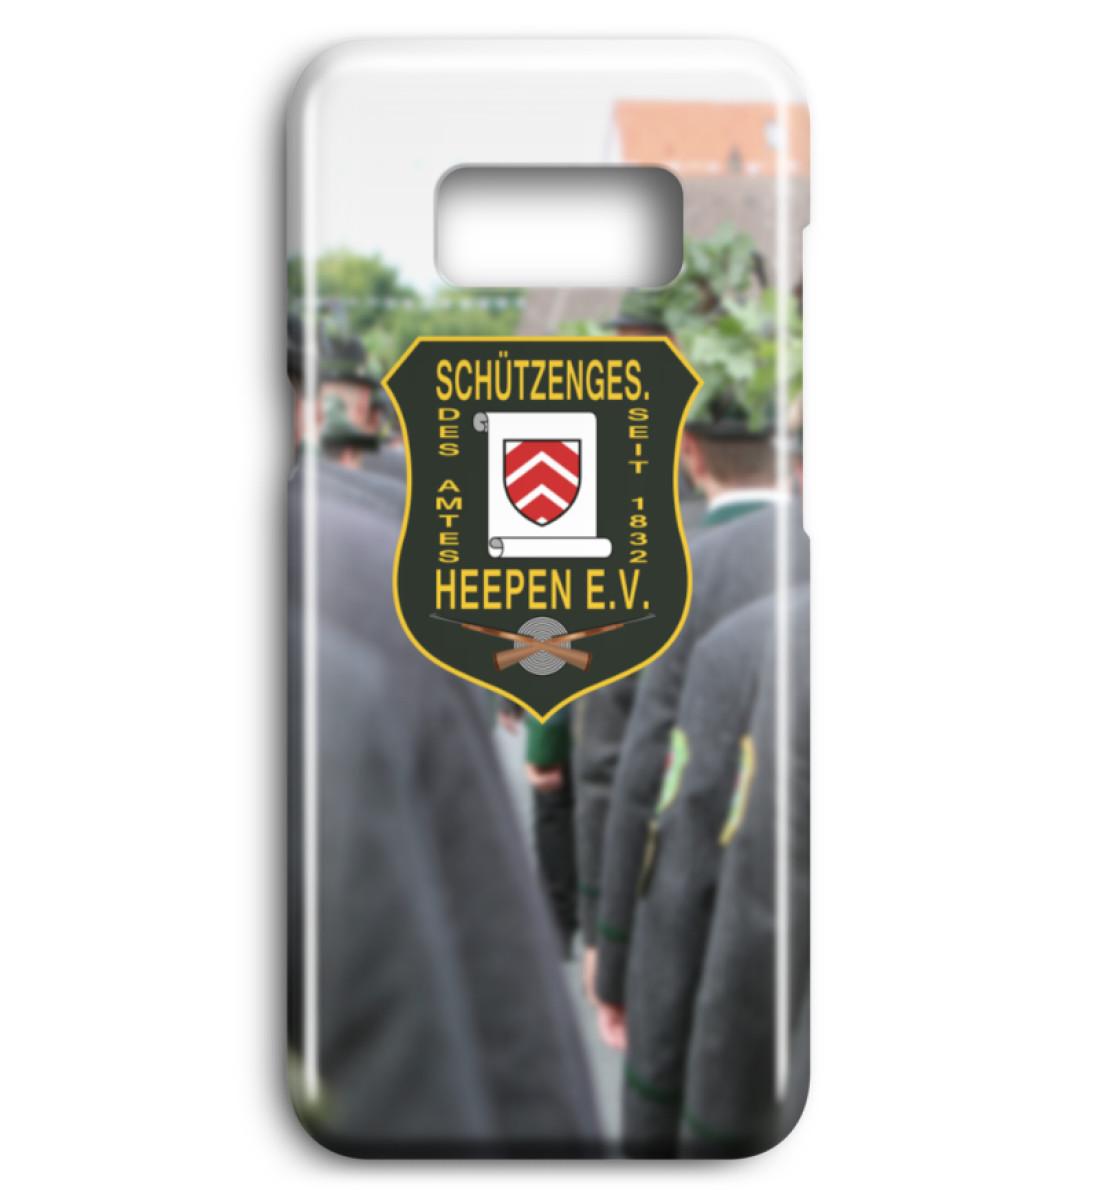 Schützengesellschaft Heepen - Premium Case Handyhülle-3